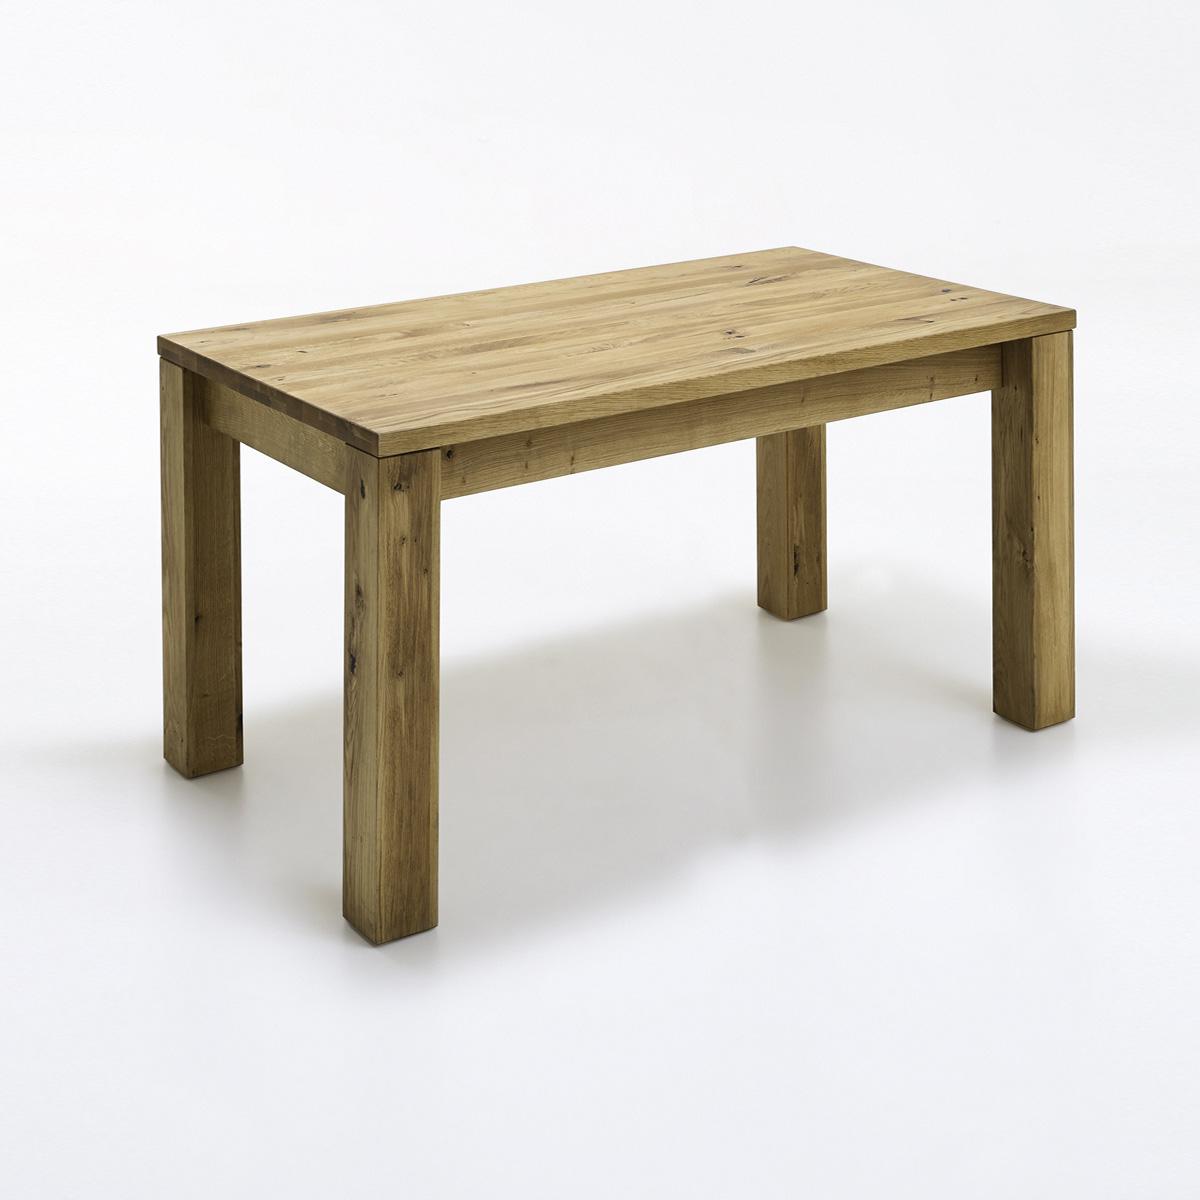 Esstisch mit Gestellauszug Lissy aus Massivholz, Bild 3